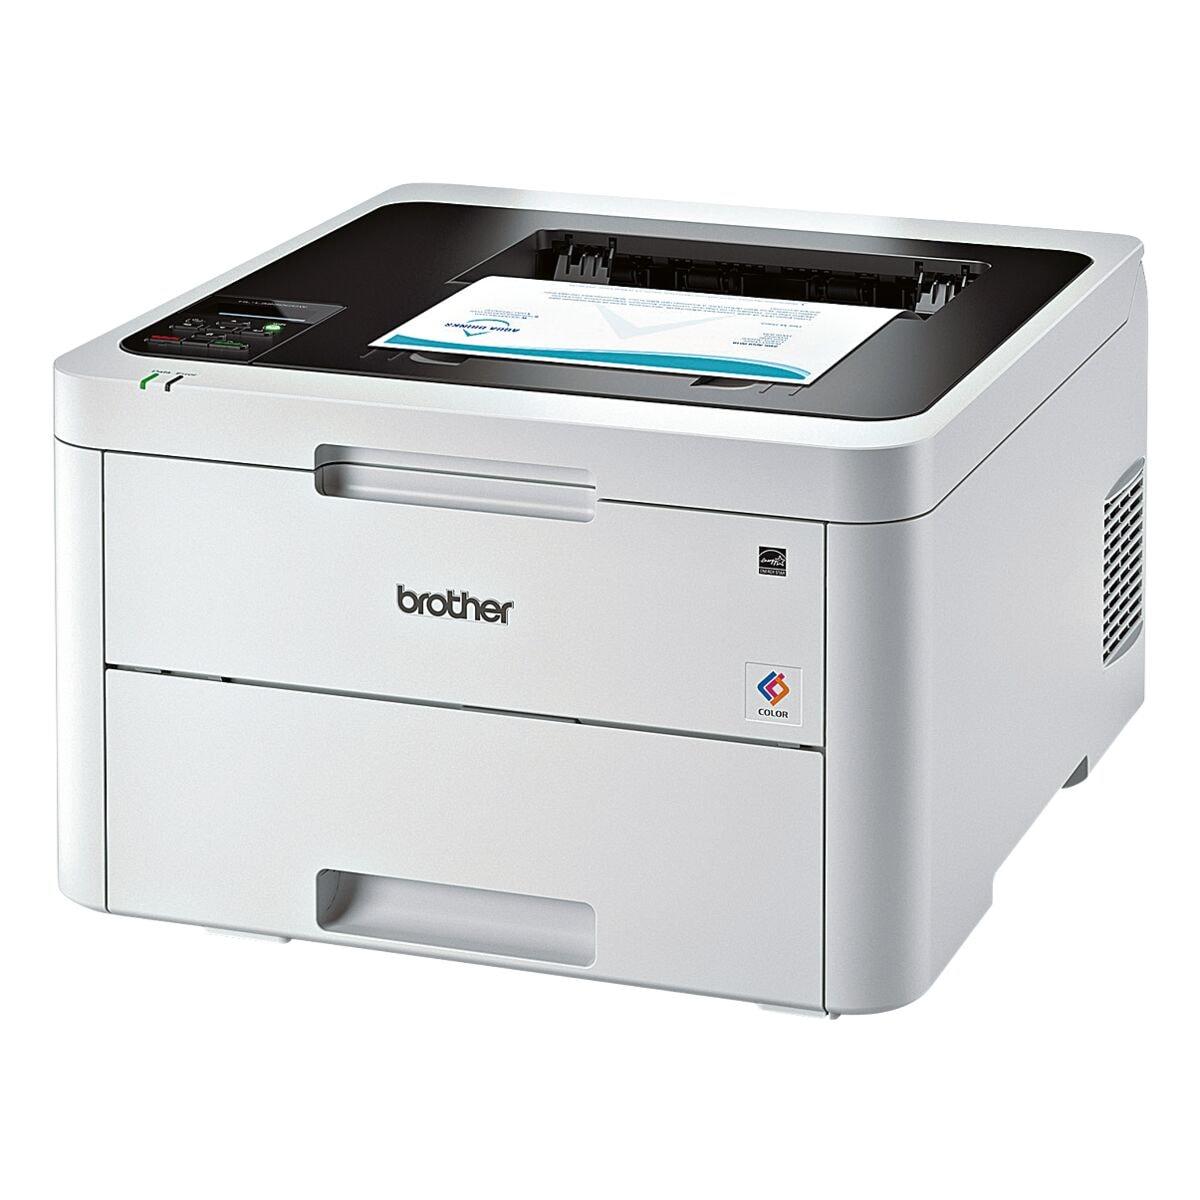 Brother HL-L3230CDW Laserdrucker, A4 Farb-Laserdrucker, 2400 x 600 dpi, mit LAN und WLAN